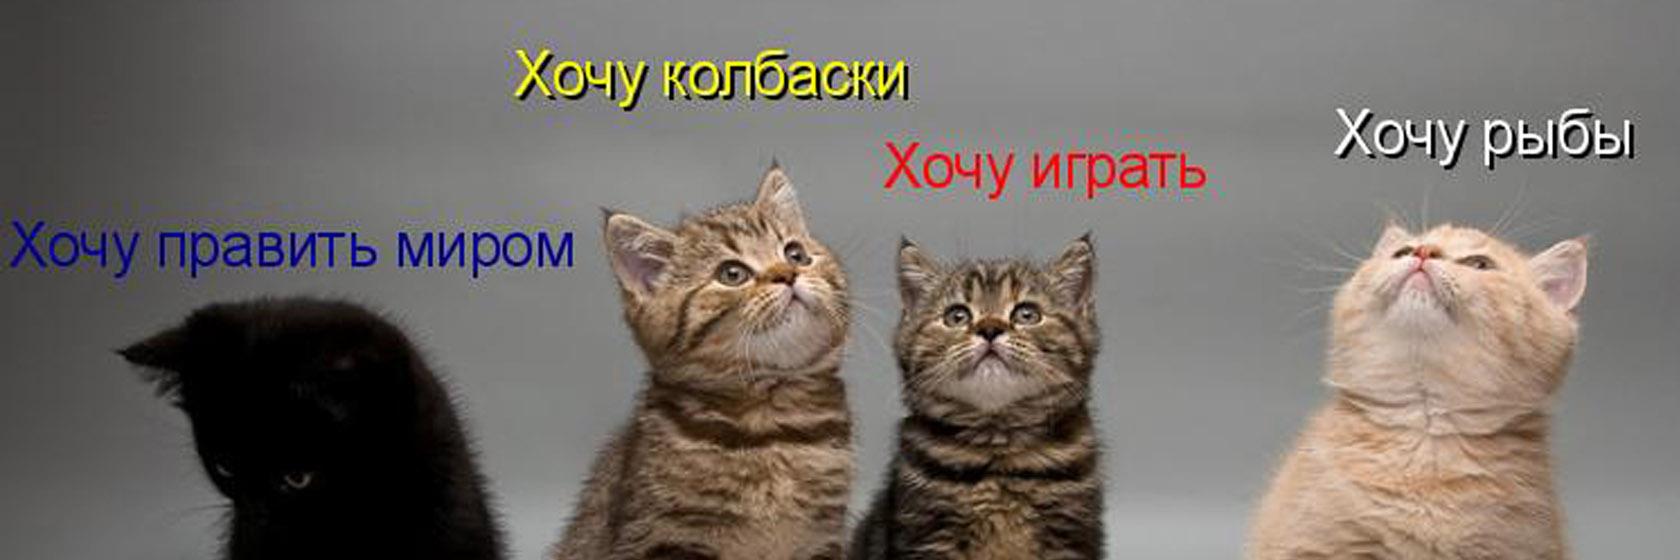 http://se.uploads.ru/FaNs4.jpg